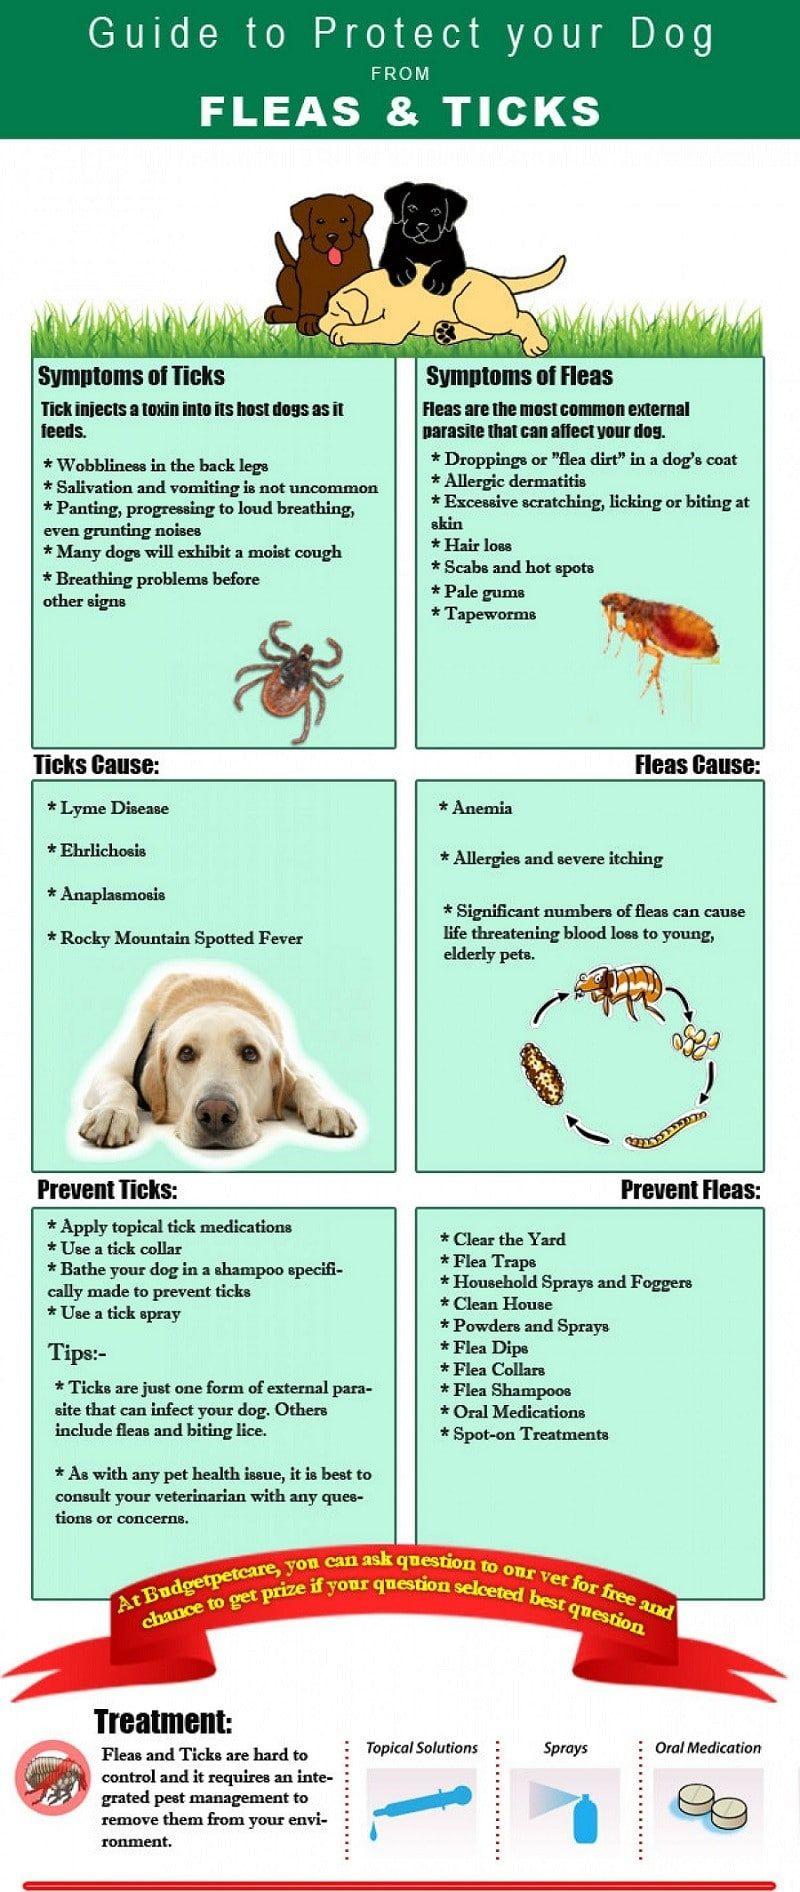 Guía para proteger a su perro de pulgas y garrapatas